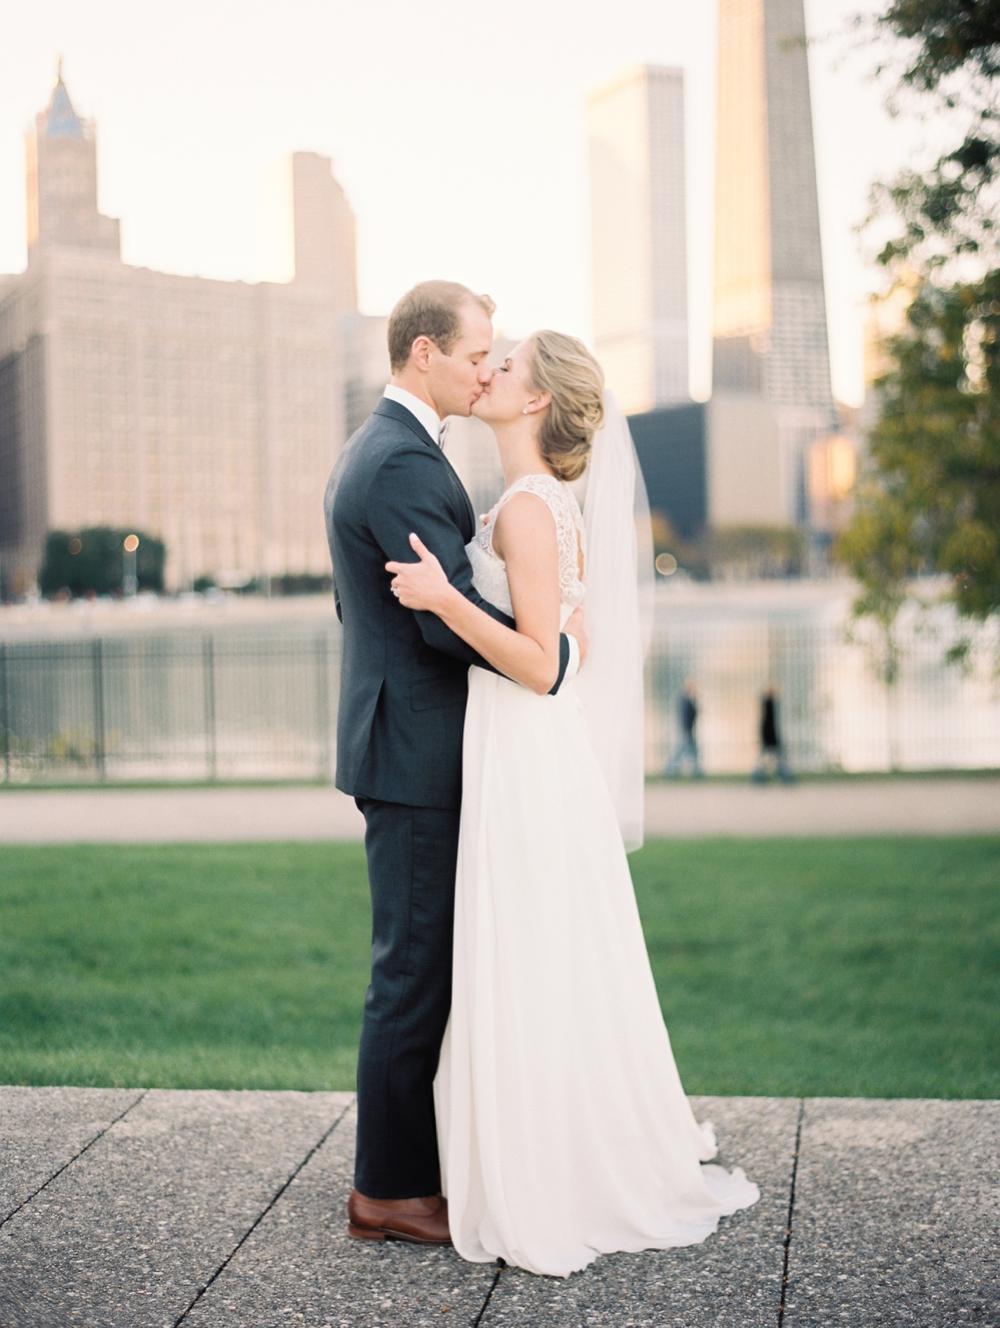 kristin-la-voie-photography-bridgeport-art-center-wedding-chicago-wedding-photographer-129.jpg